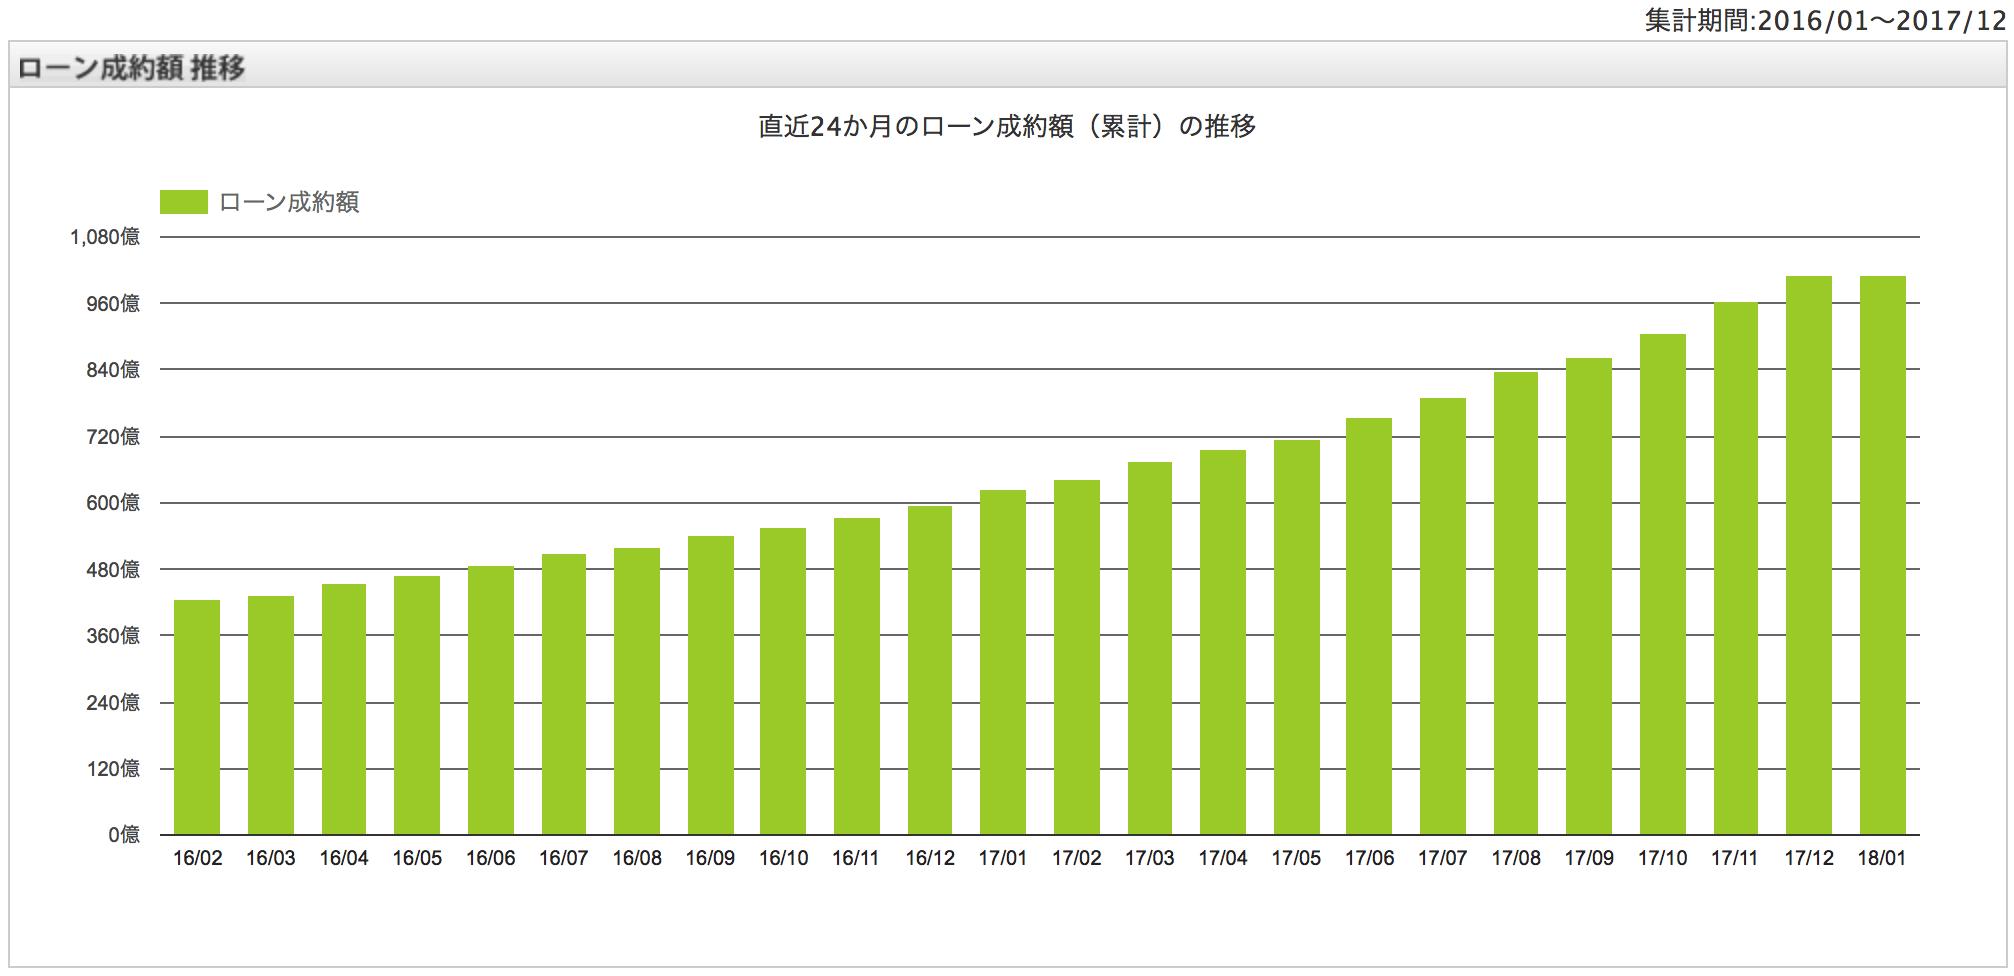 maneoのローン成約額推移